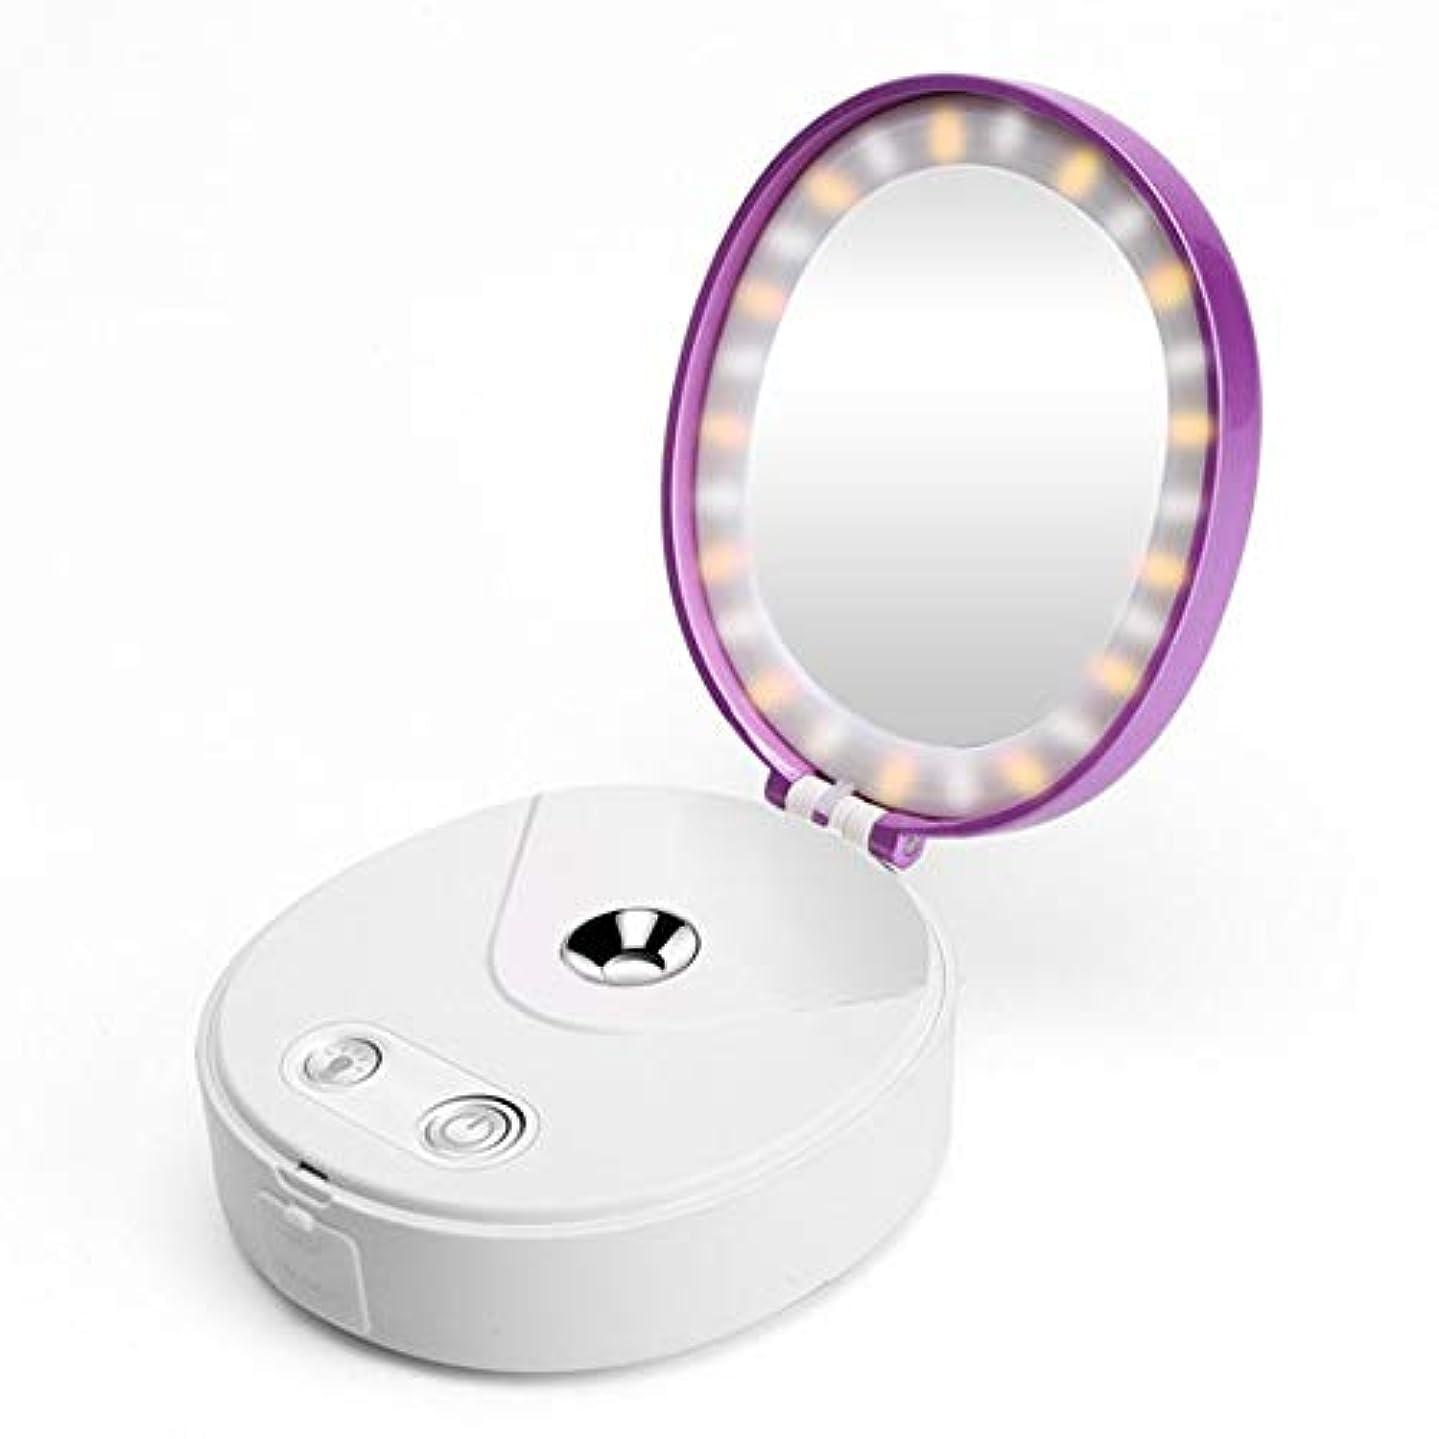 教育者衝動確かめる化粧鏡ライト力銀行が付いている1つの小型ナノ霧の冷たいスプレーヤーの顔の加湿器に付き4つ